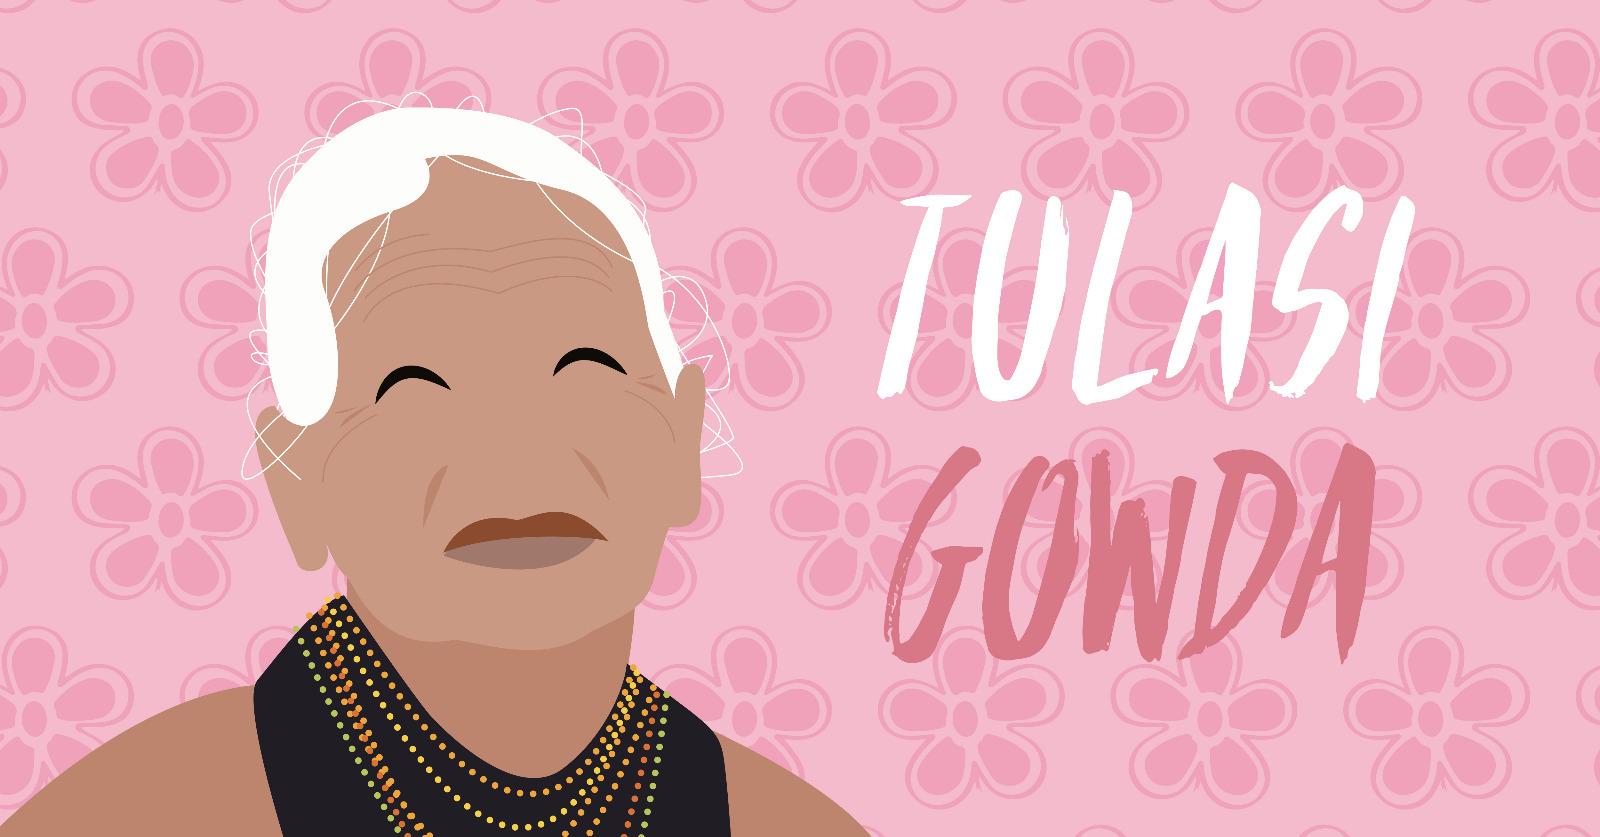 Tulasi Gowda è il suo nome